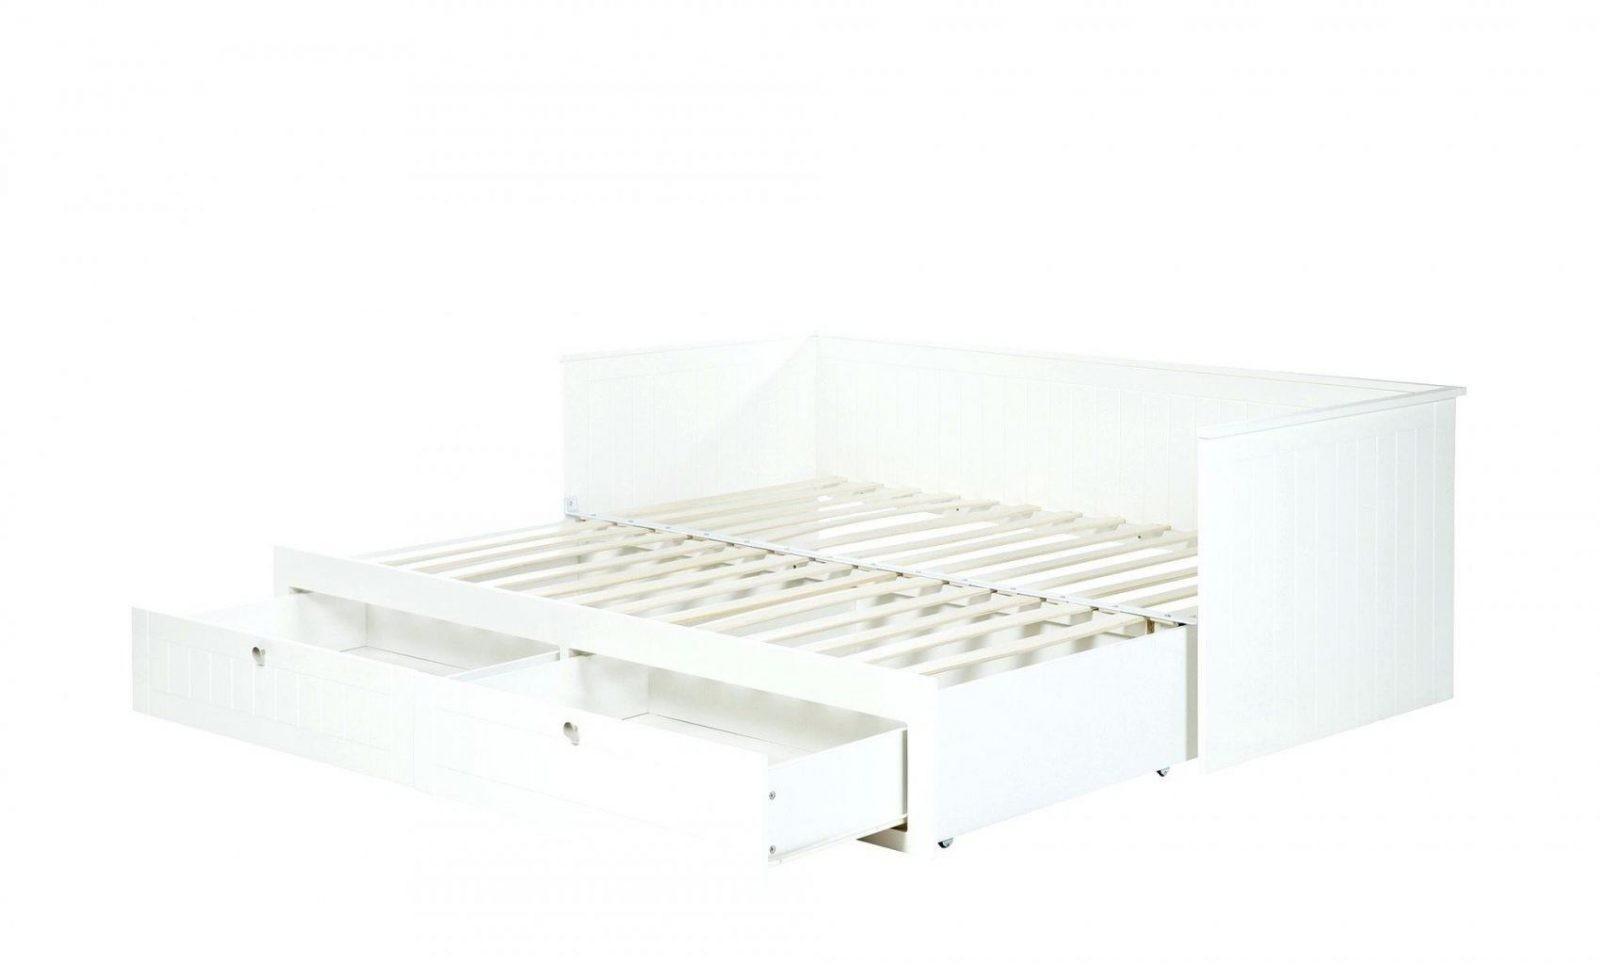 20 Inspirierend Bild Über Bett Ausziehbar Gleiche Höhe  Beste von Ausziehbares Bett Auf Gleicher Höhe Photo